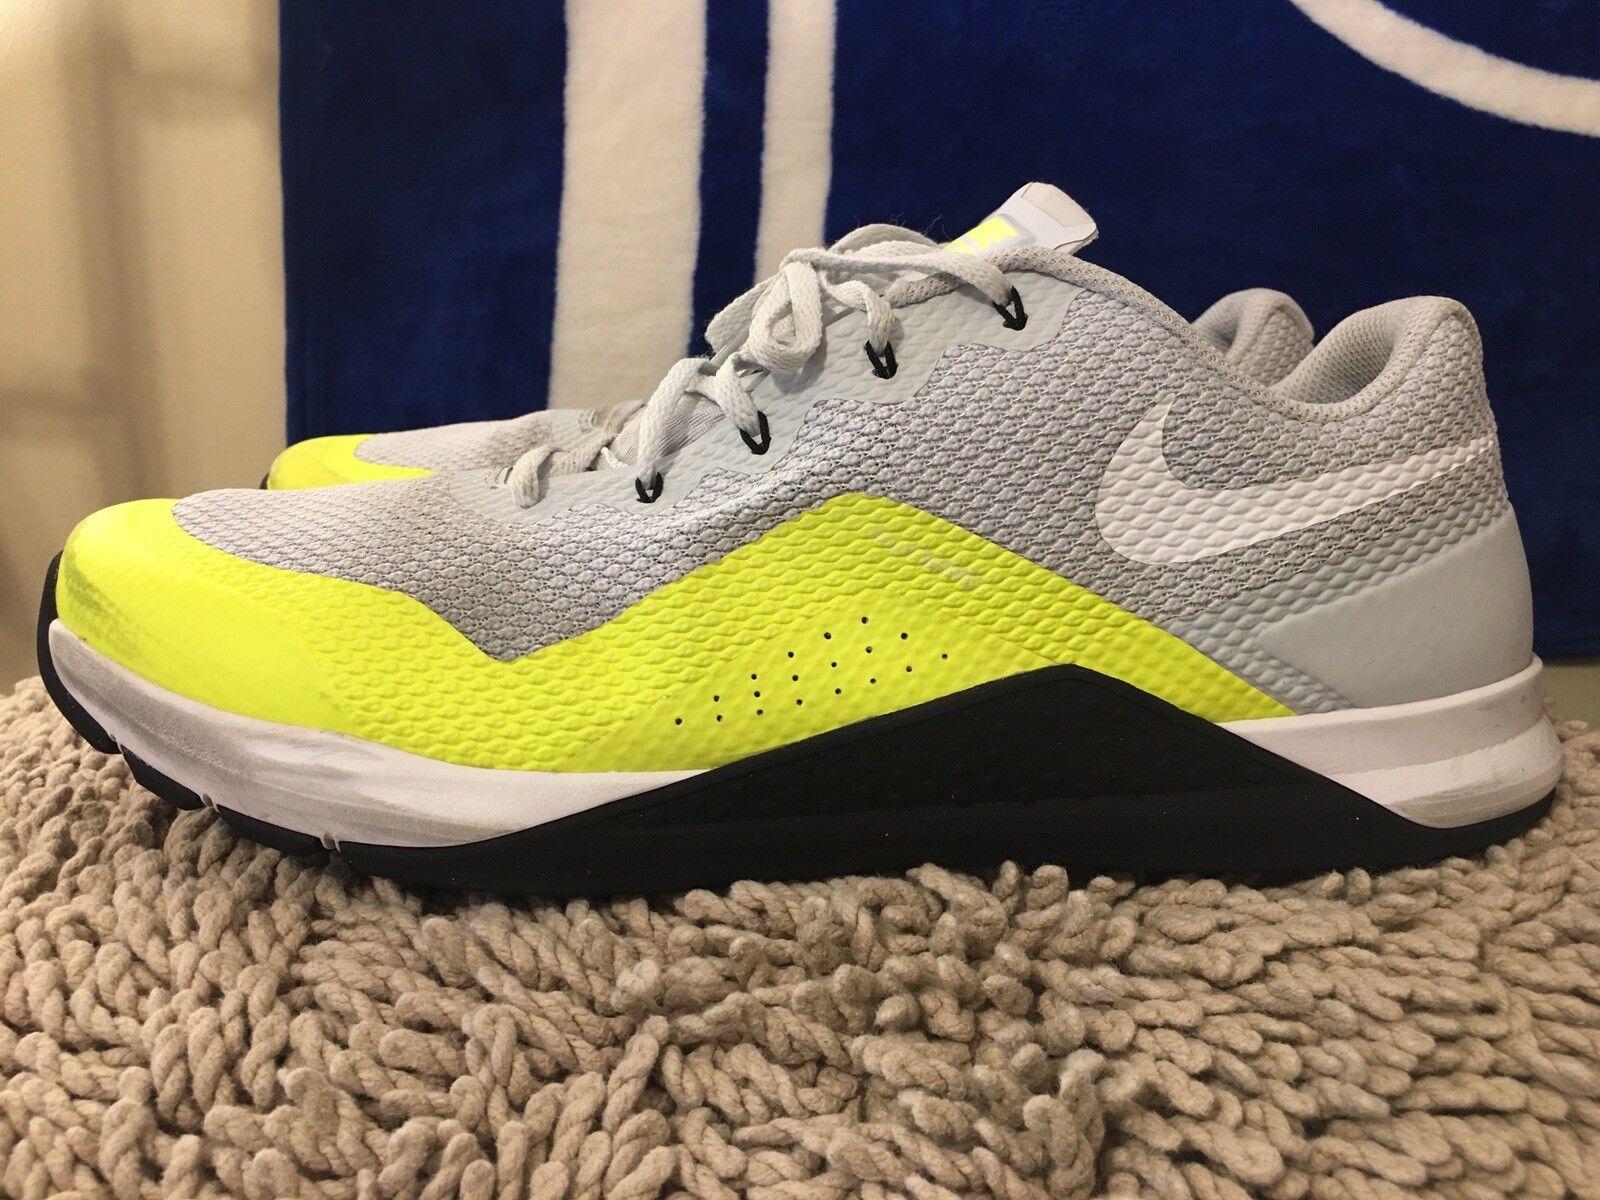 Nike Metcon Repper DSX, 898048-001, White   Volt, Men's Training shoes, Size 15